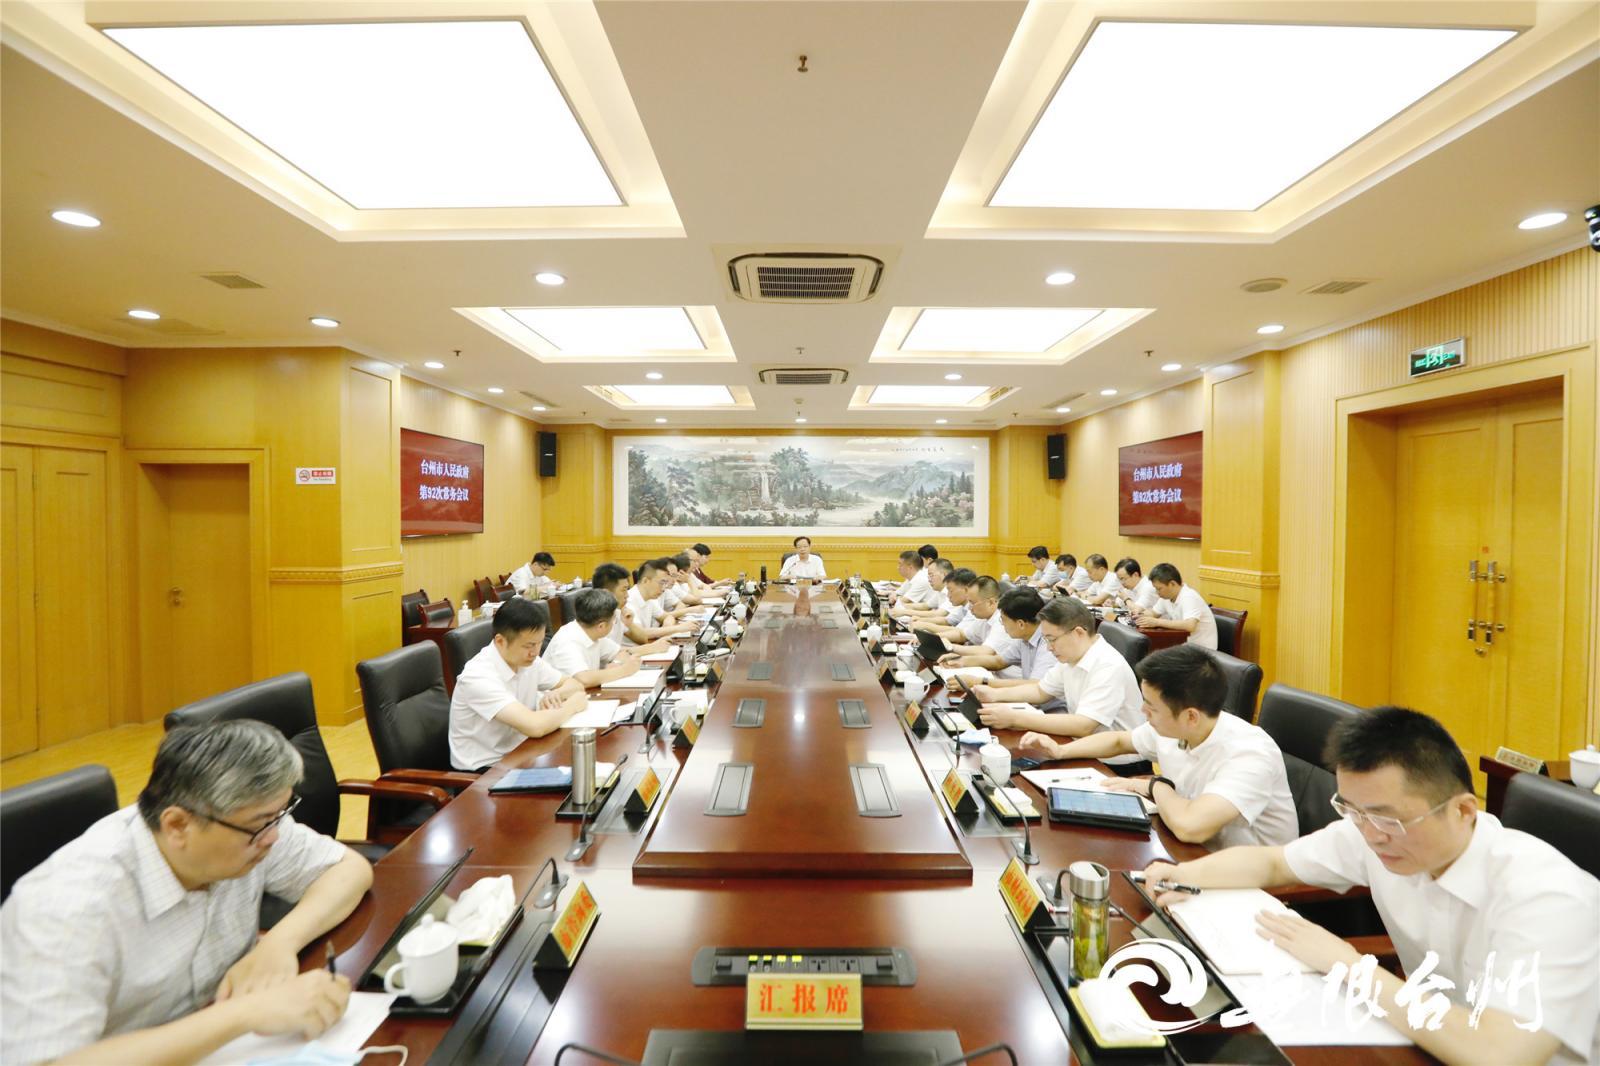 吳海平主持召開市政府常務會議